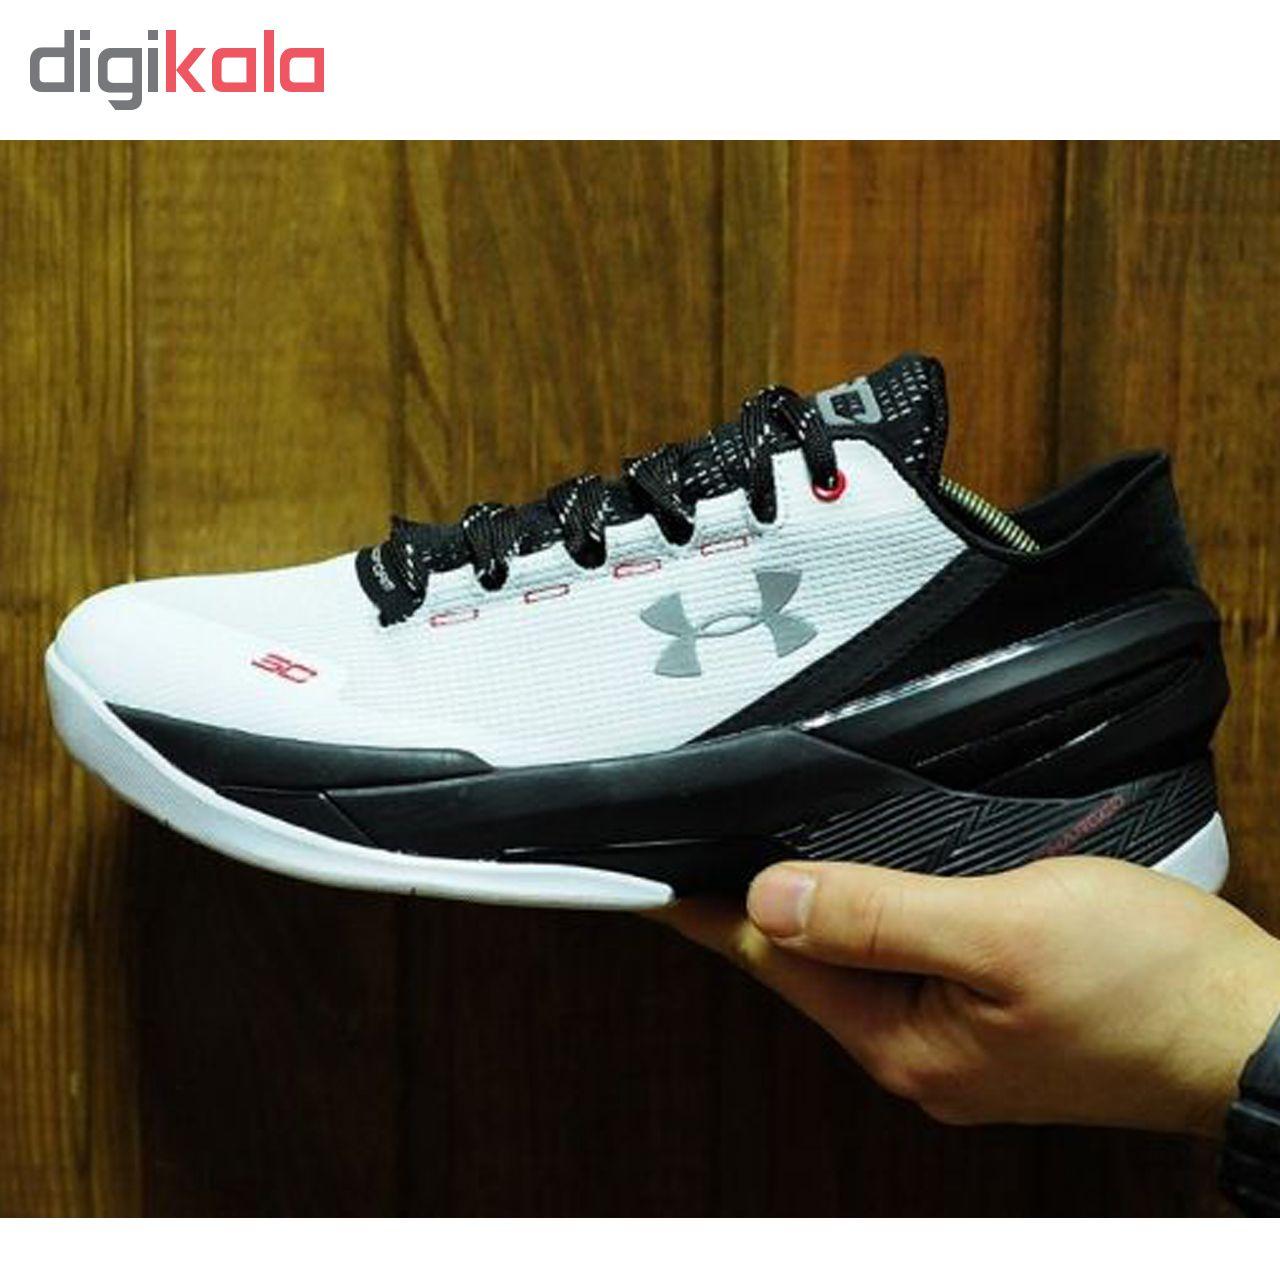 کفش ورزشی مخصوص دویدن و پیاده روی مردانه آندر آرمور مدل Clutchfit Drive